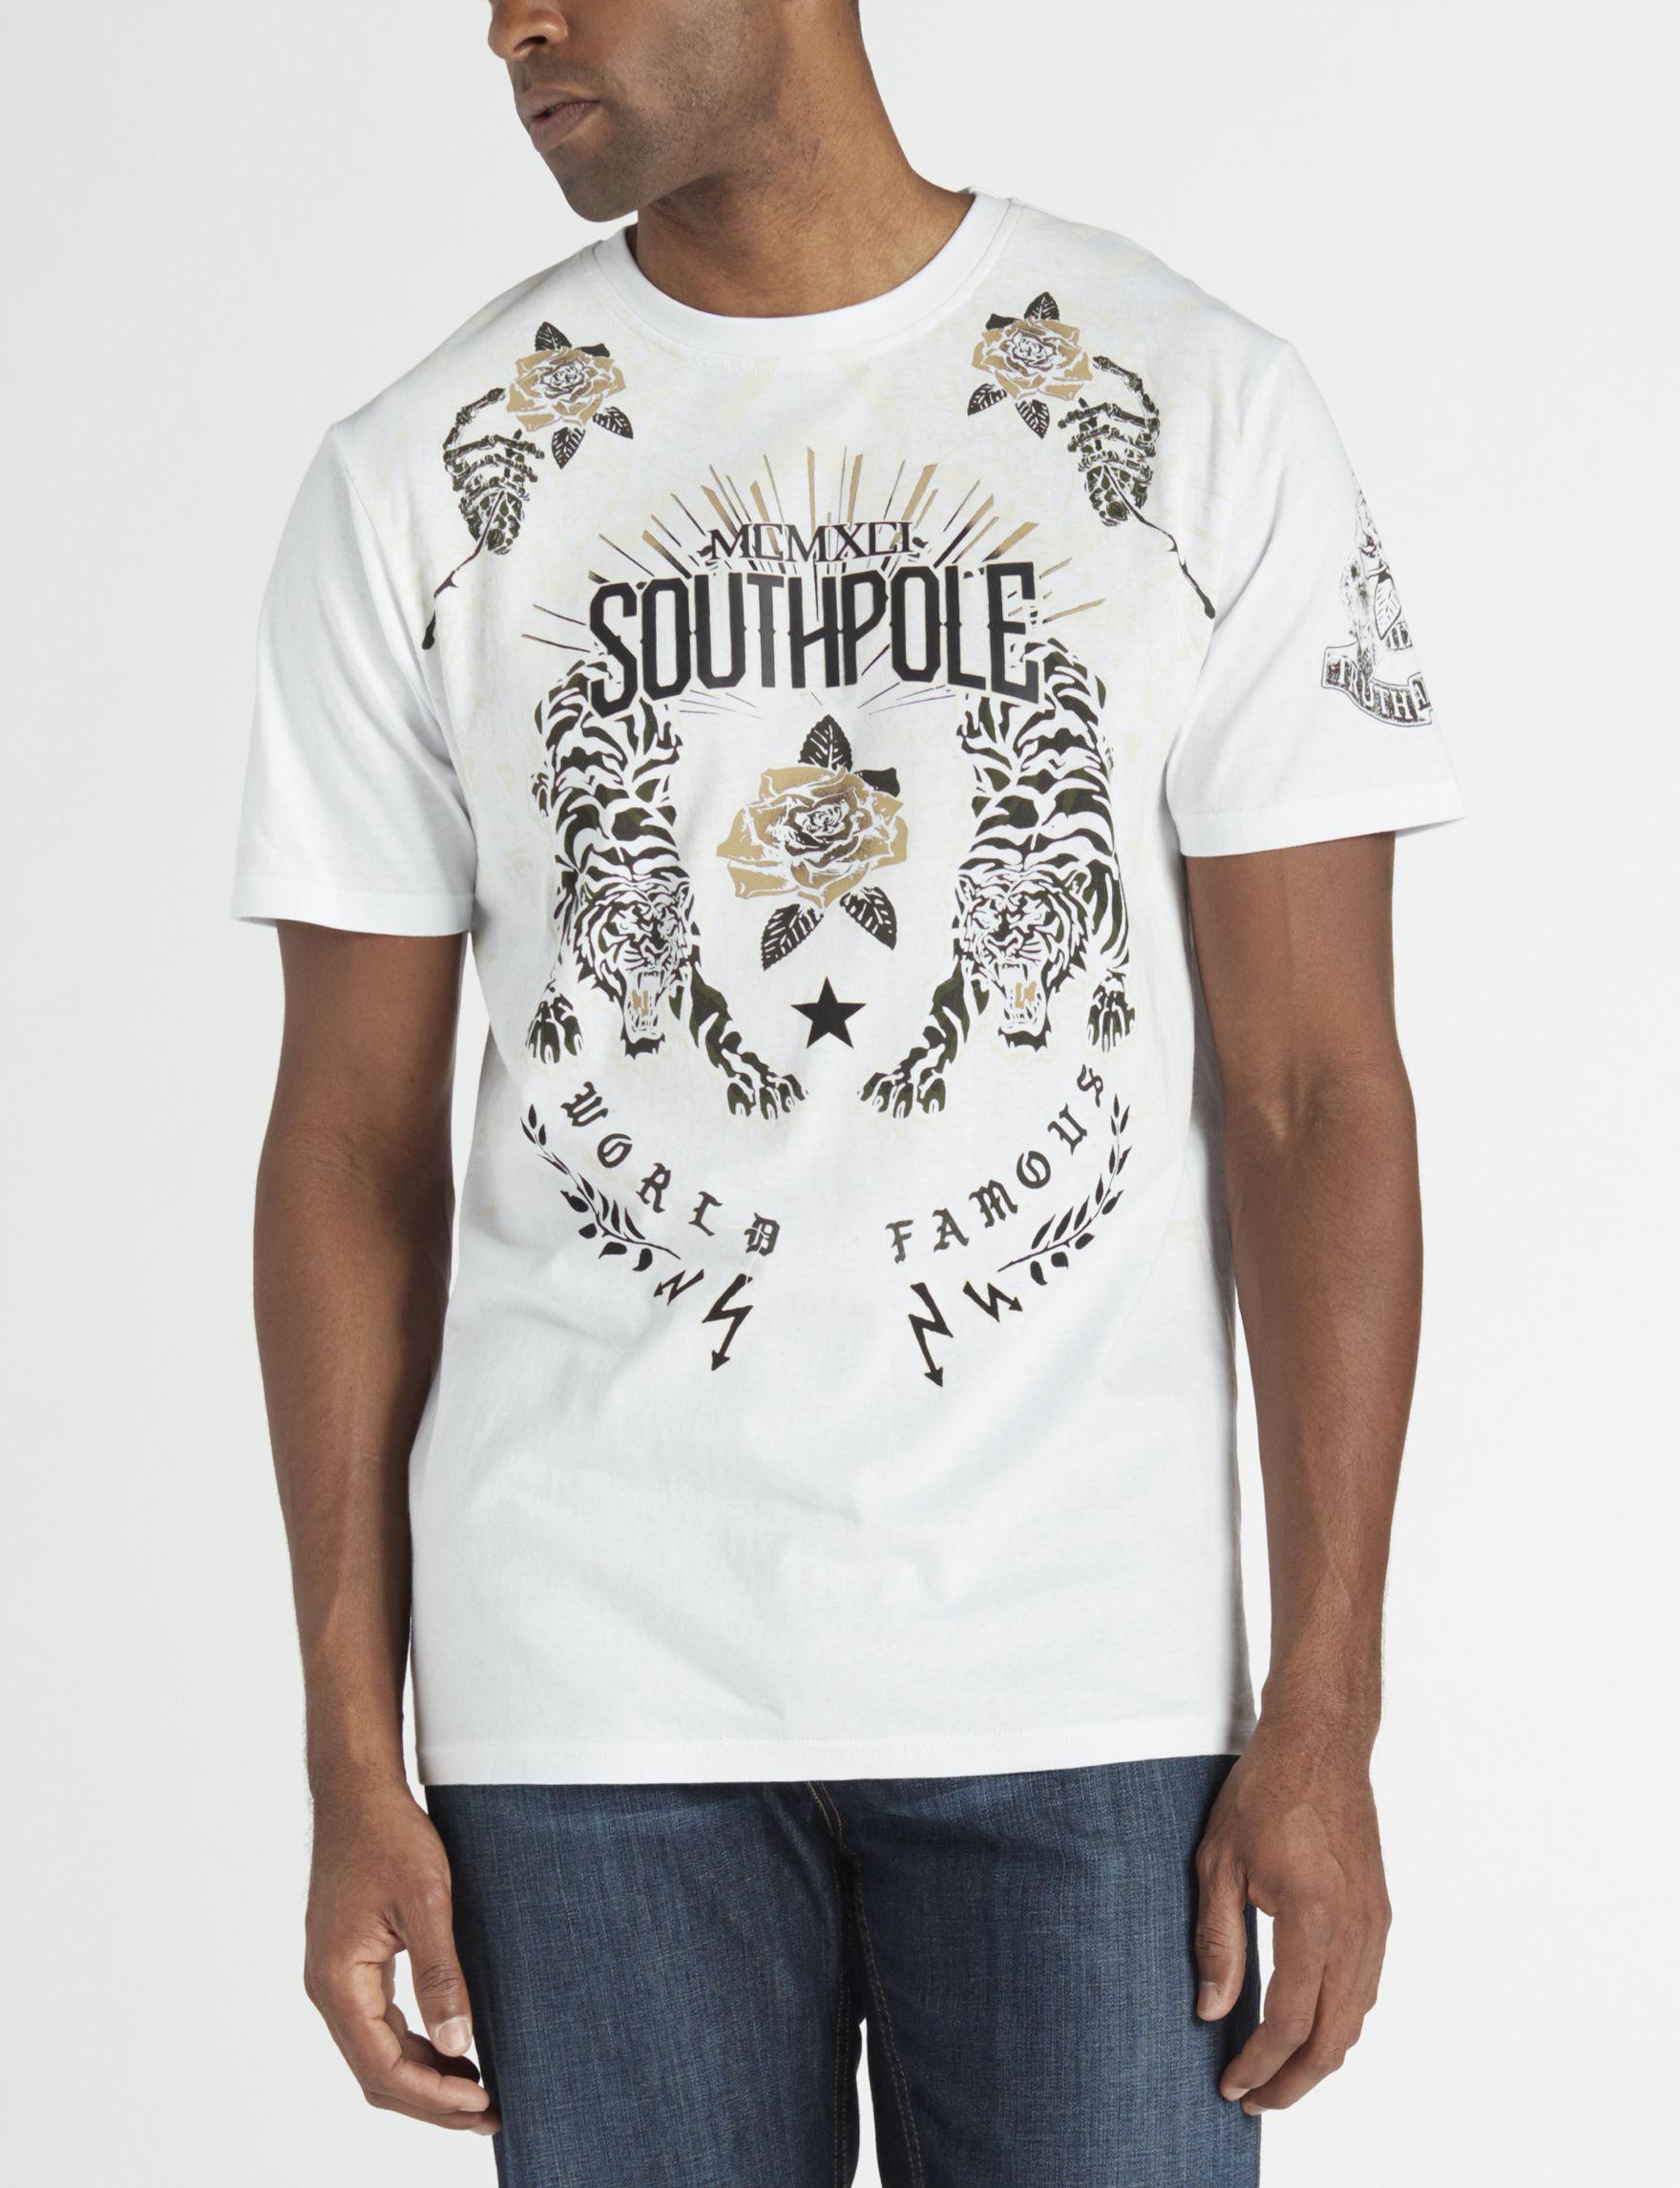 Southpole White Tees & Tanks